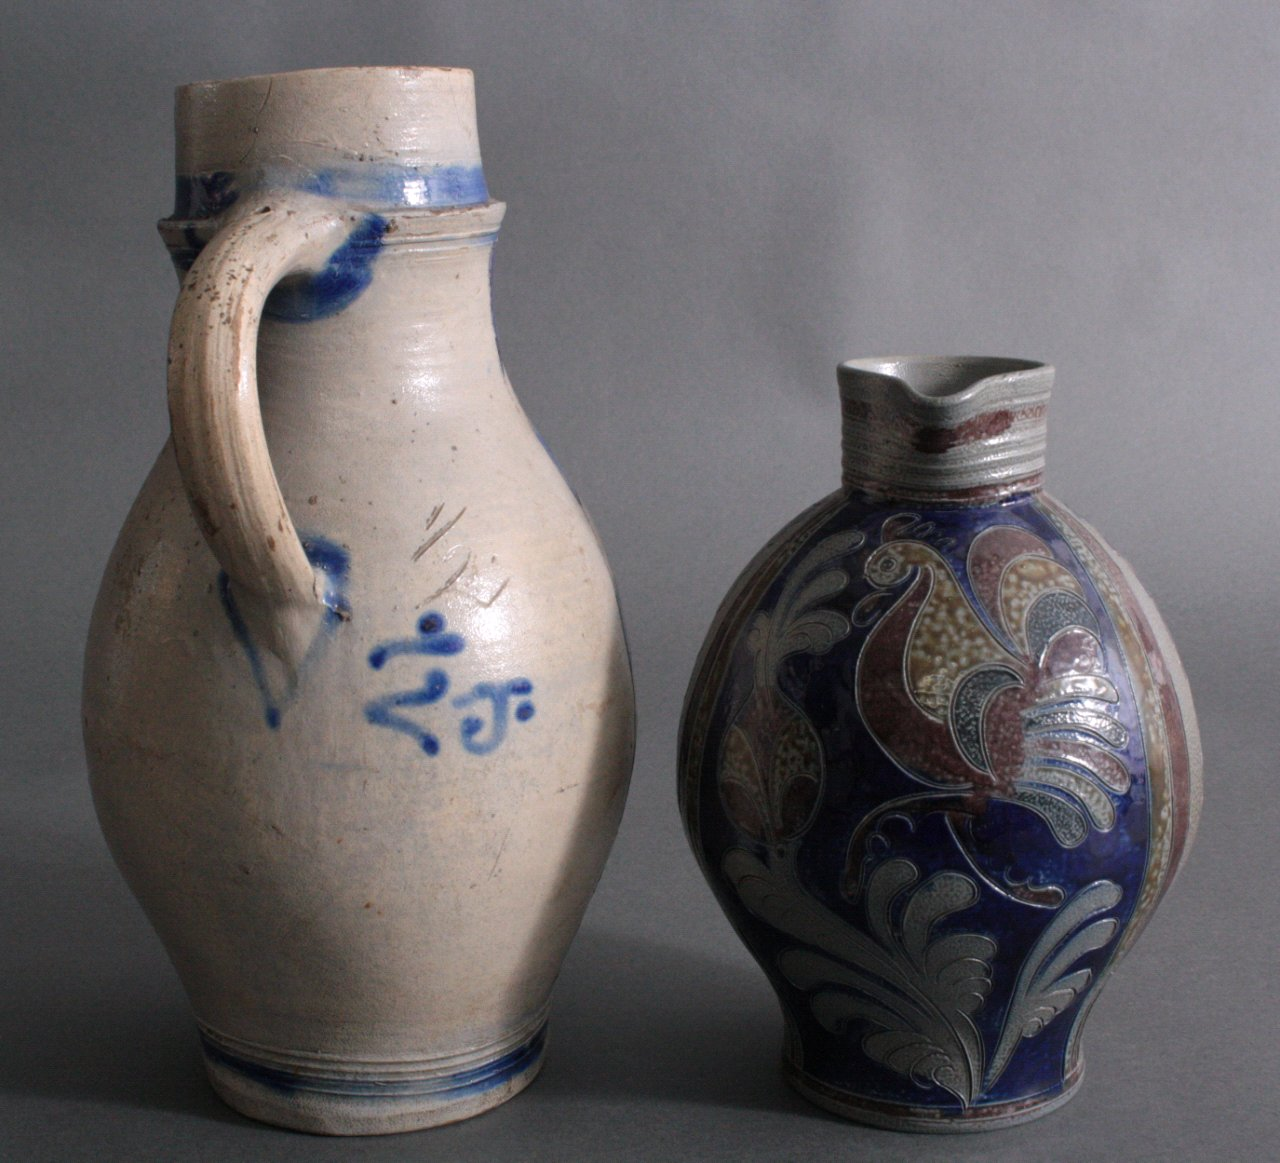 f nf teile keramik westerwald steinzeug badisches. Black Bedroom Furniture Sets. Home Design Ideas